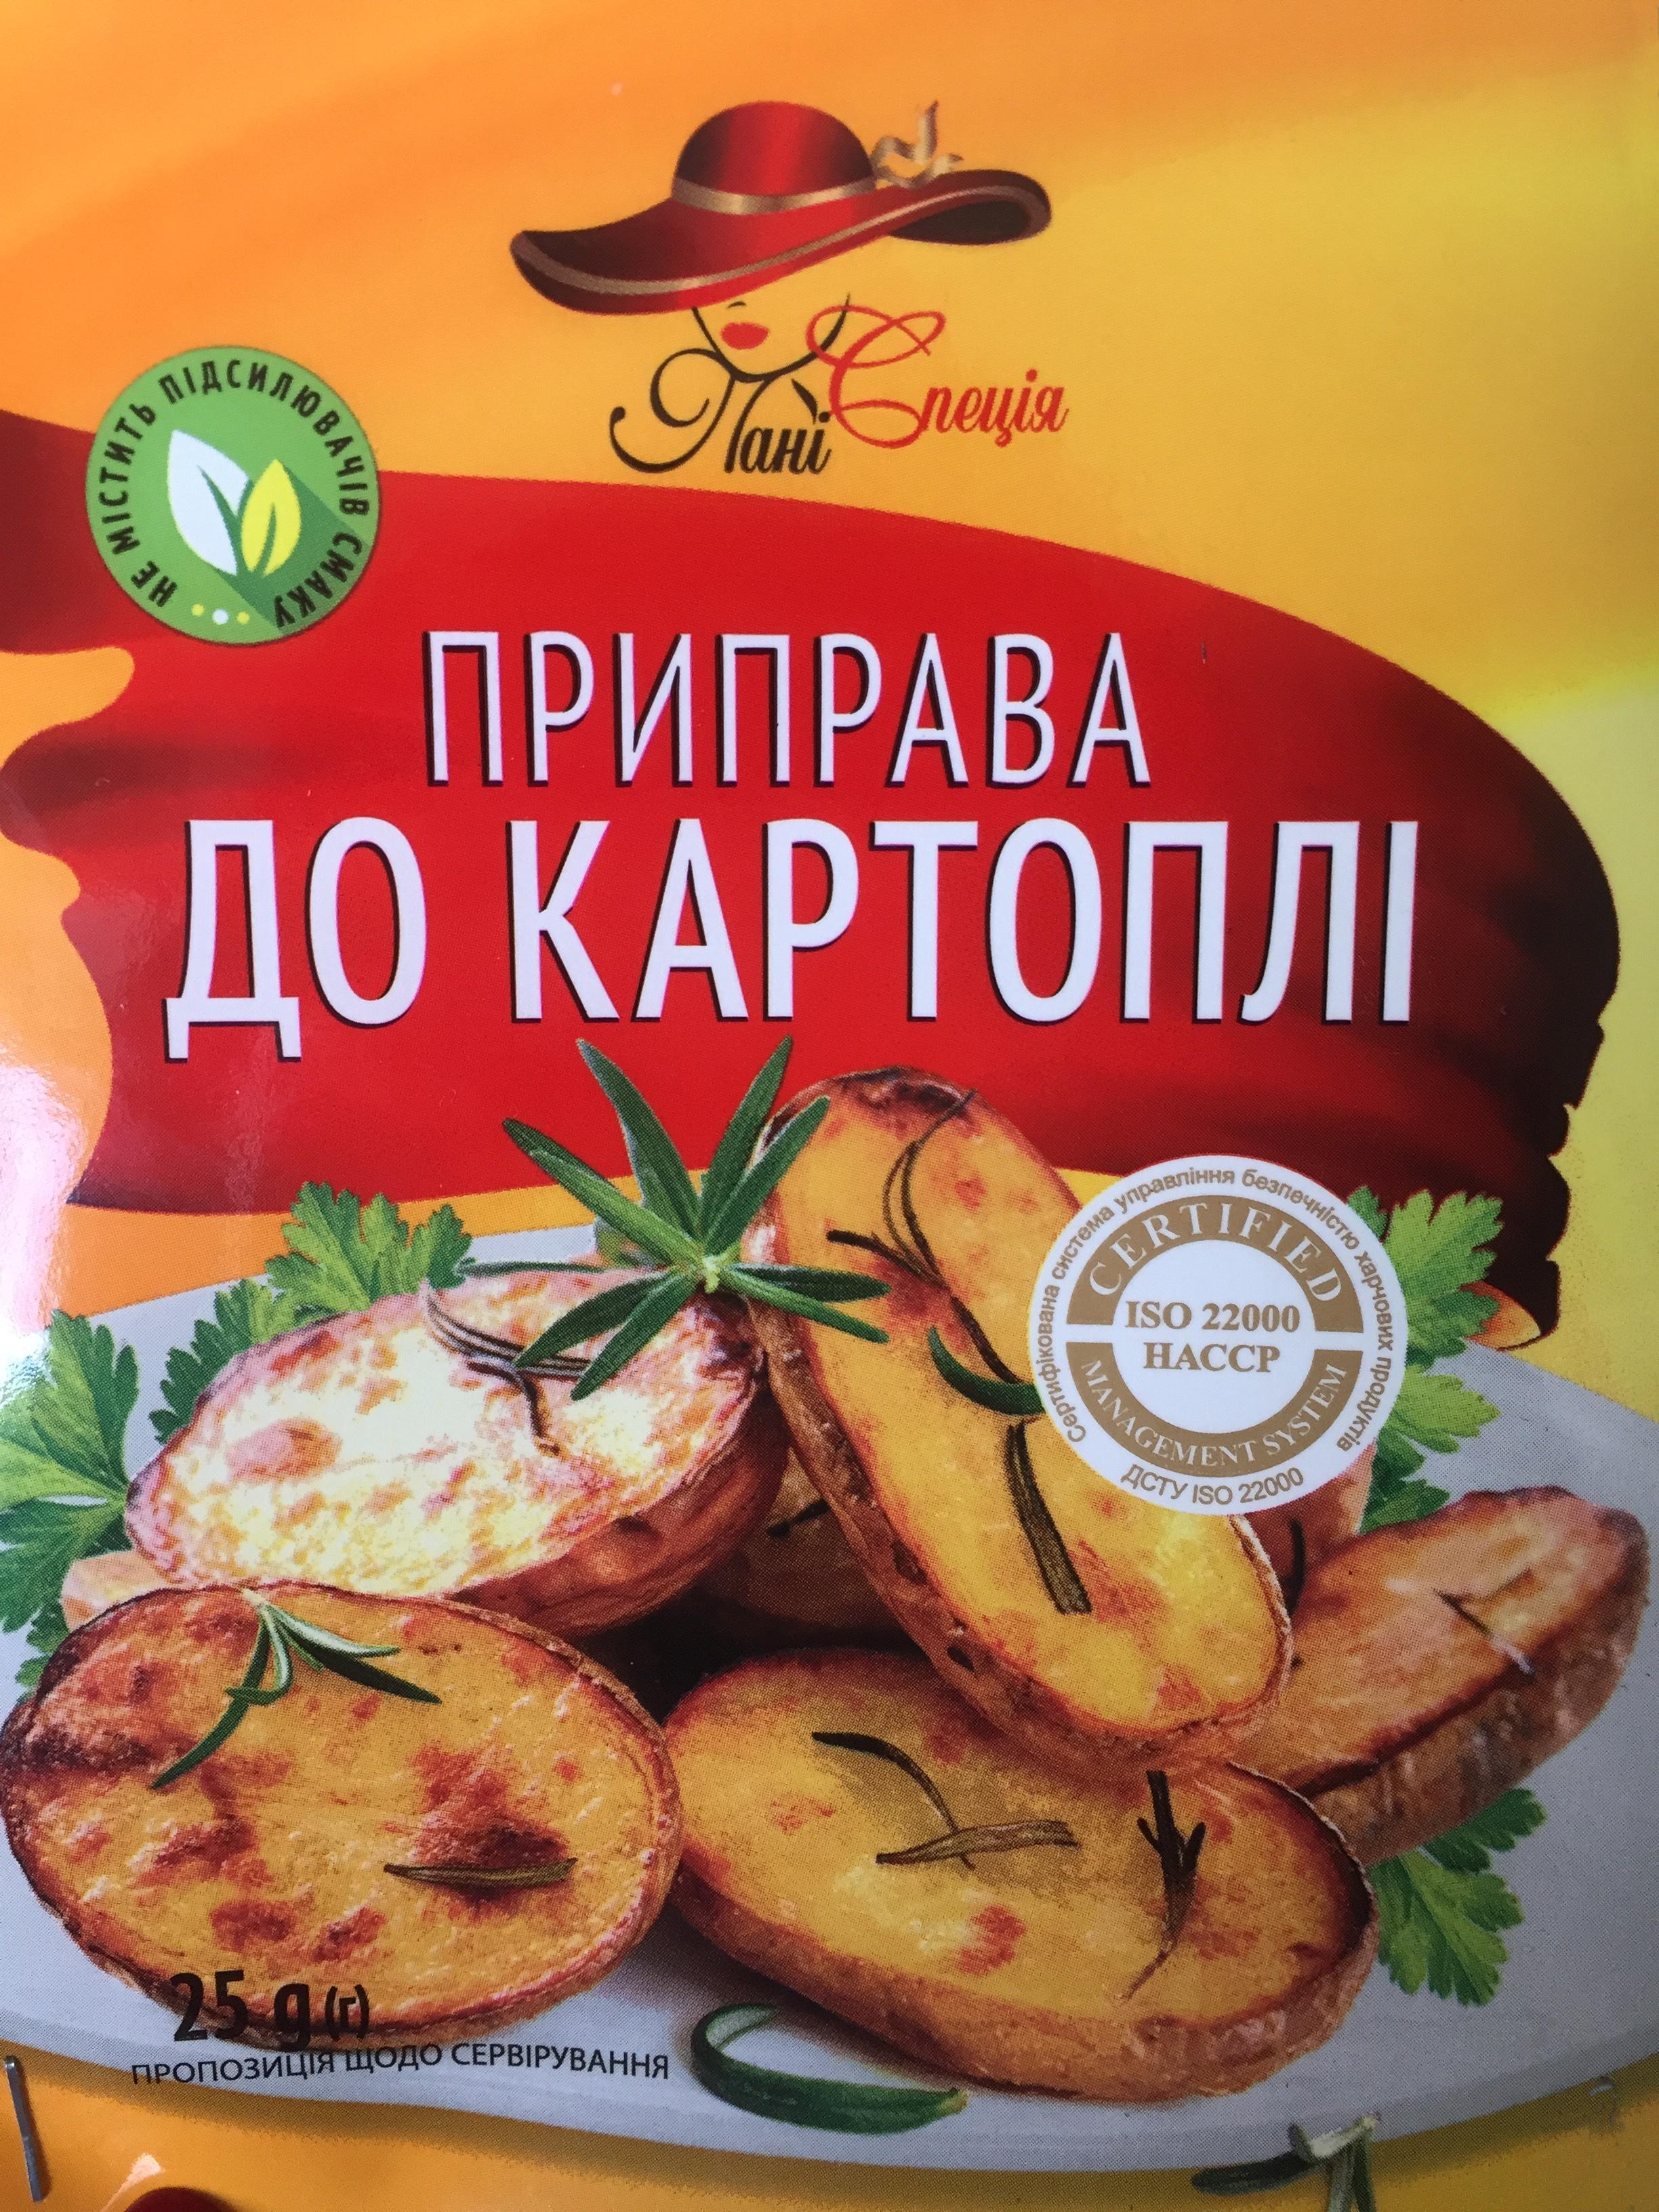 Приправа до картоплі - купити можна тут!